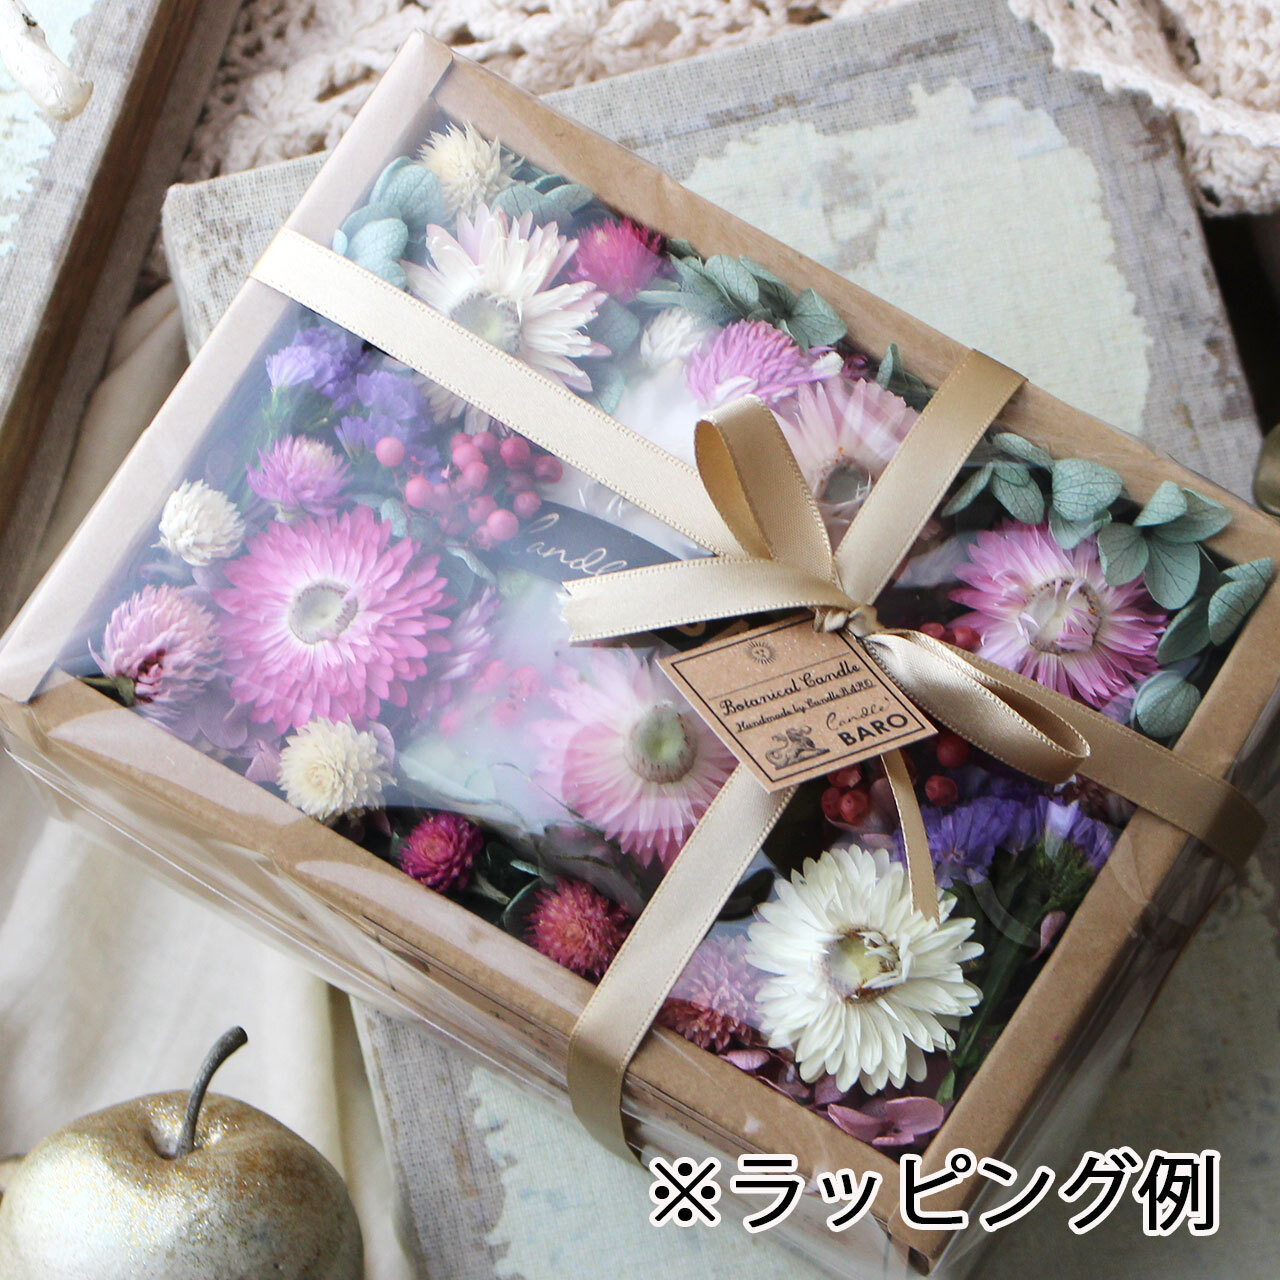 H474 透明ラッピング&紙袋付き☆ボタニカルキャンドルギフト プリザーブドローズ